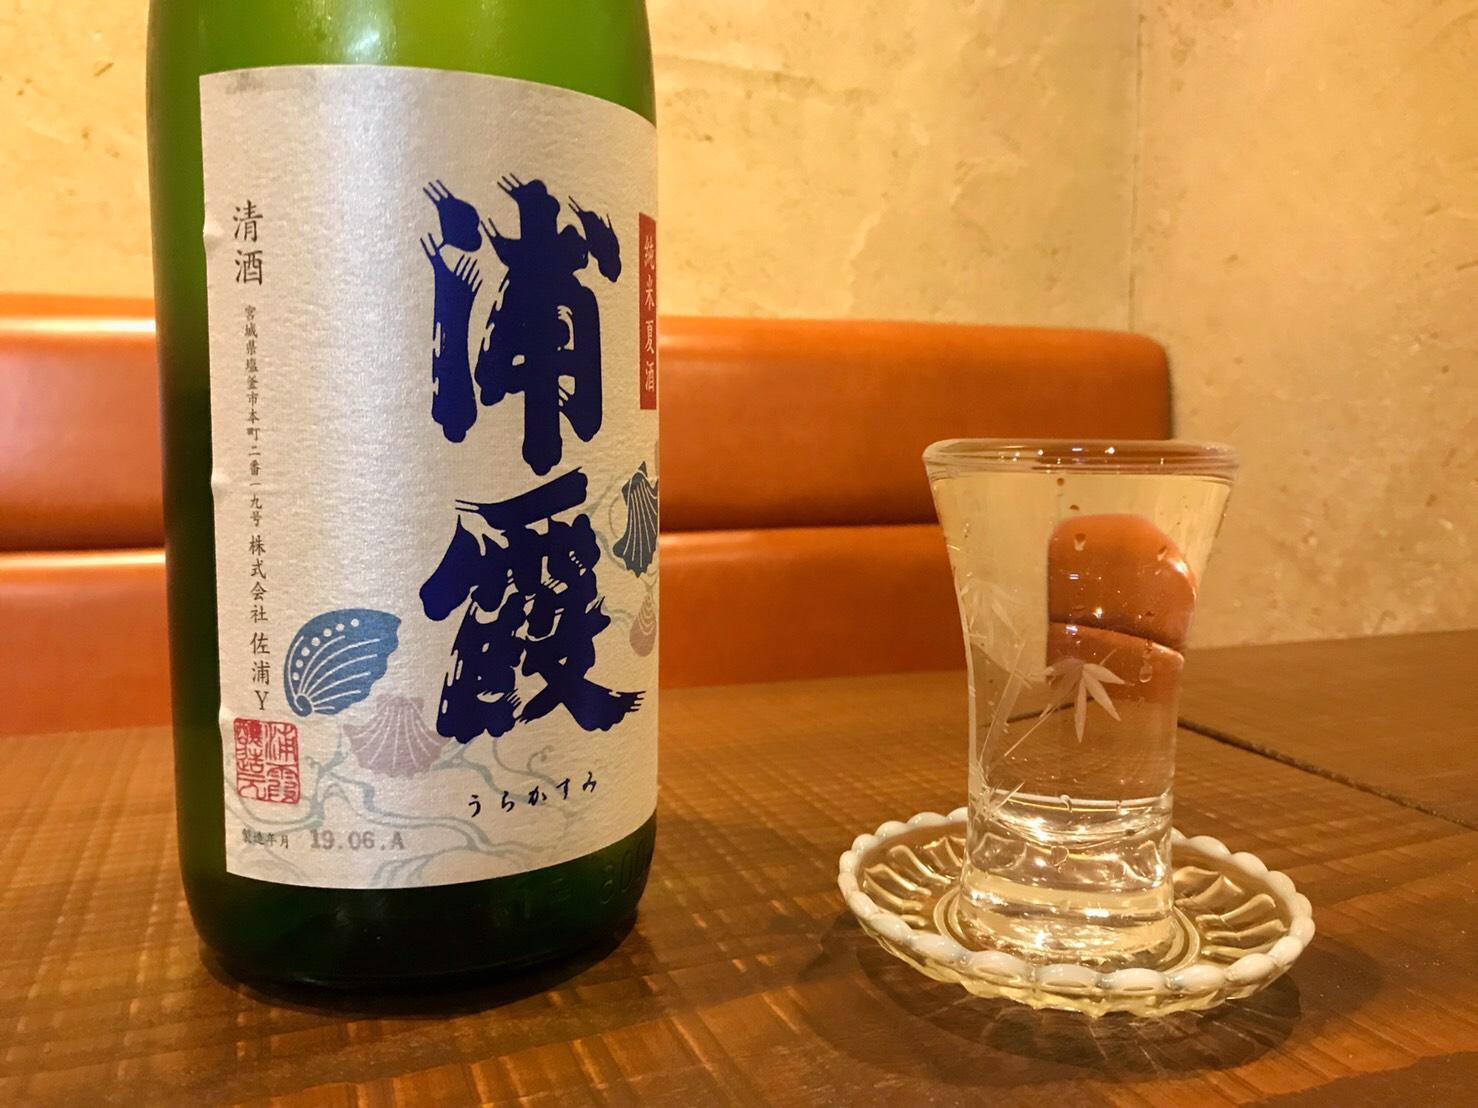 浦霞 純米夏酒